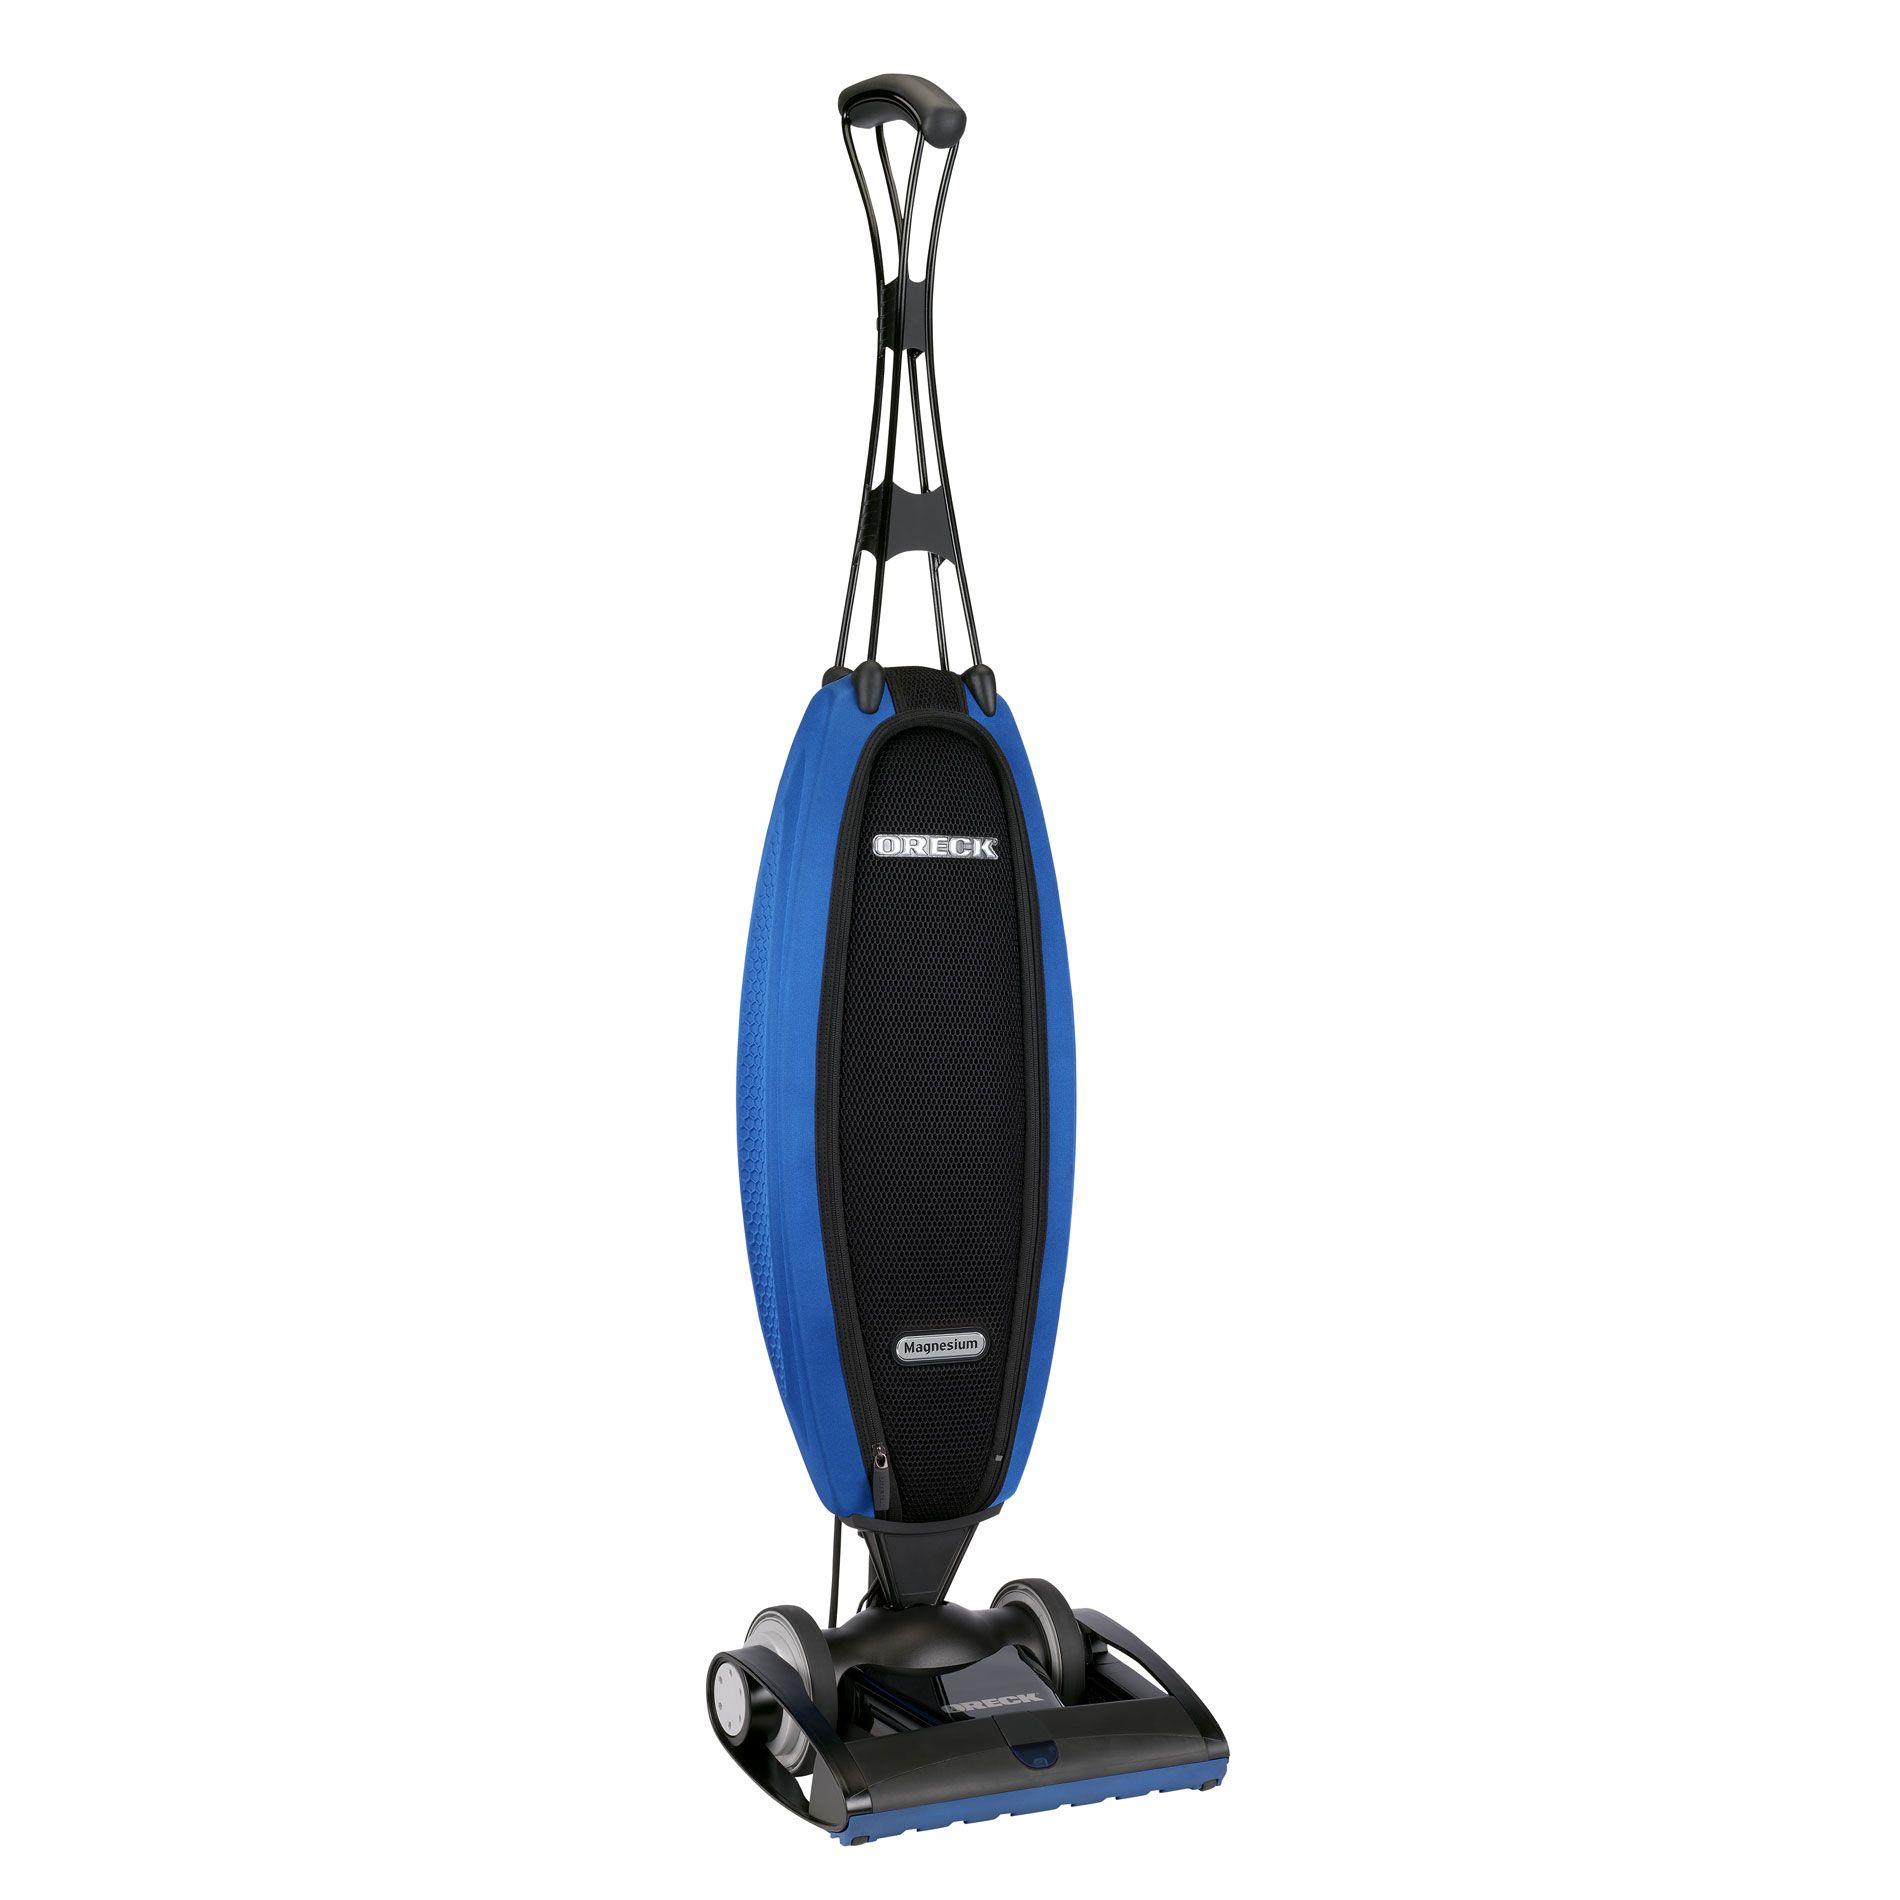 Oreck Magnesium™ Upright Vacuum